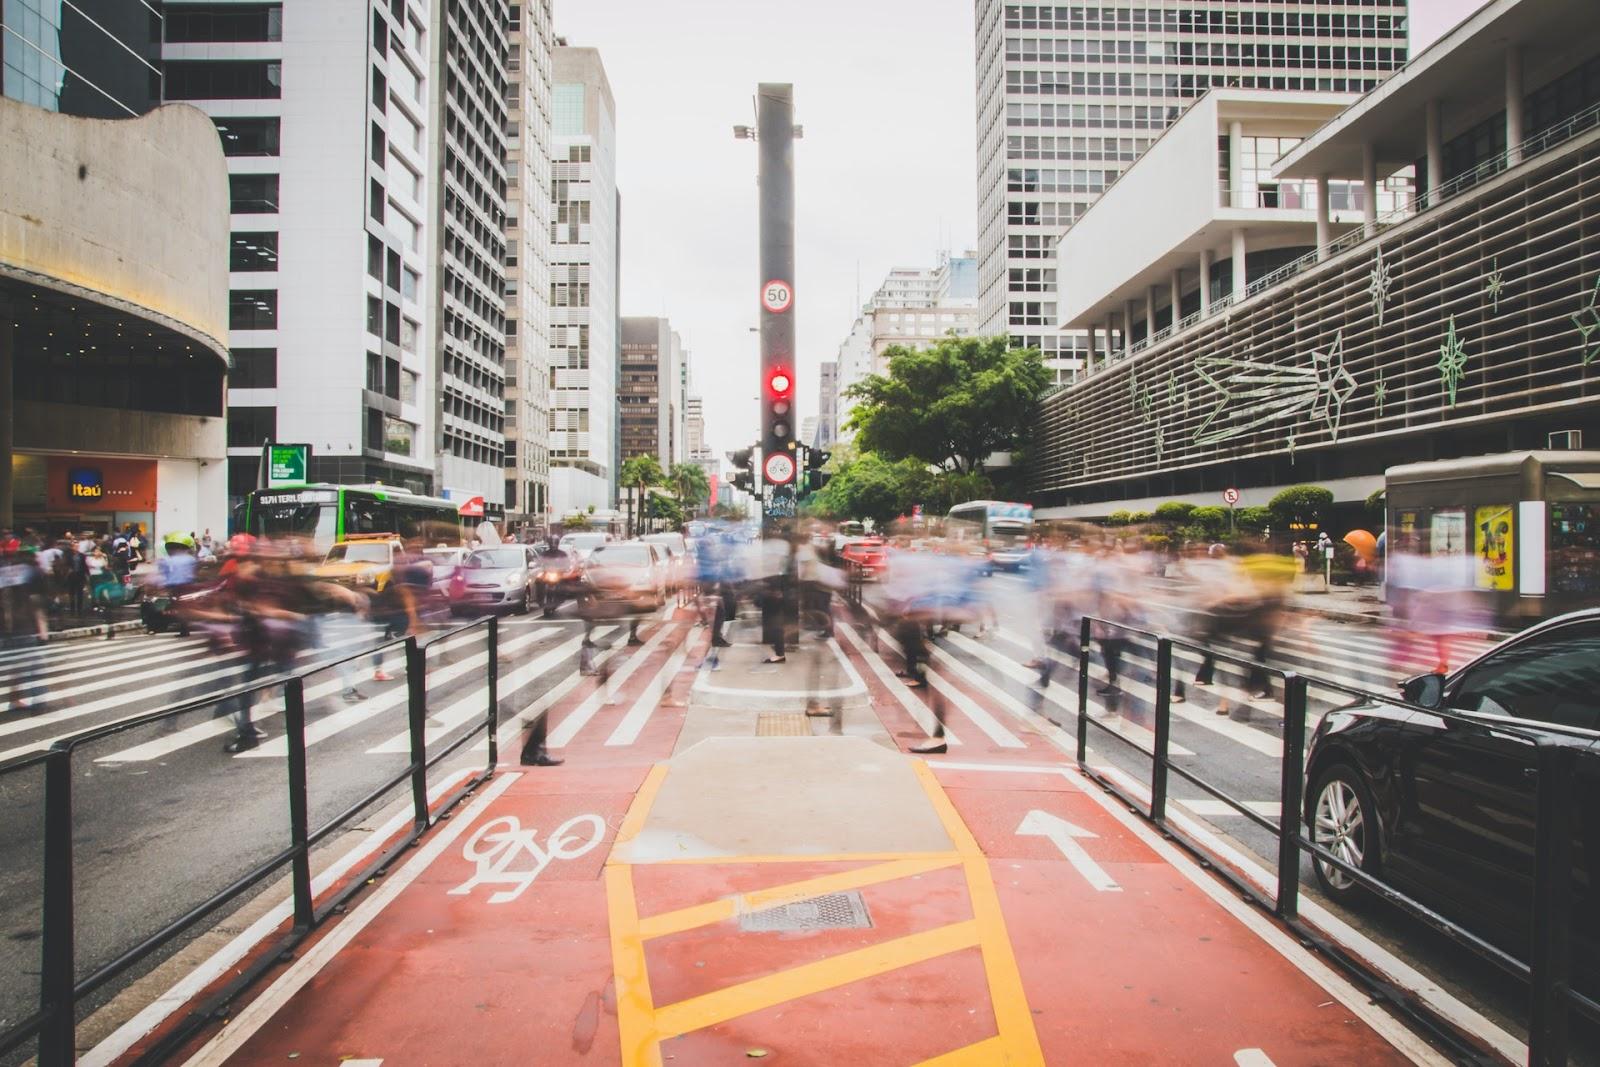 Maior cidade do Brasil tem frota com cerca de 15 mil ônibus regulamentados. (Fonte: Pexels)